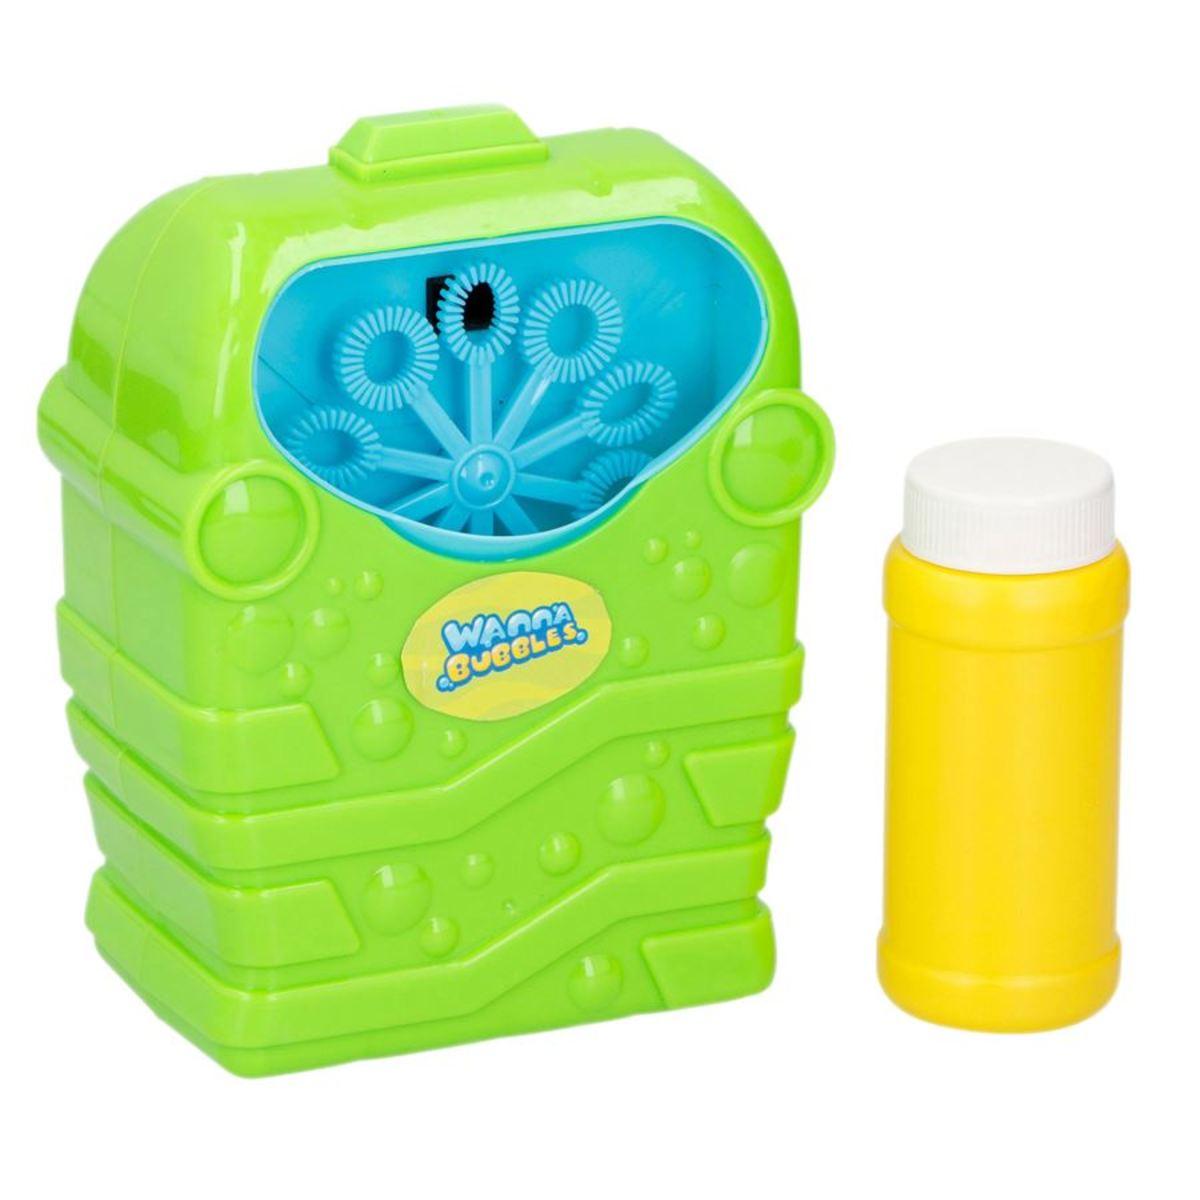 Bild 4 von Bubblez Seifenblasenmaschine mit Seifenwasser 118ml